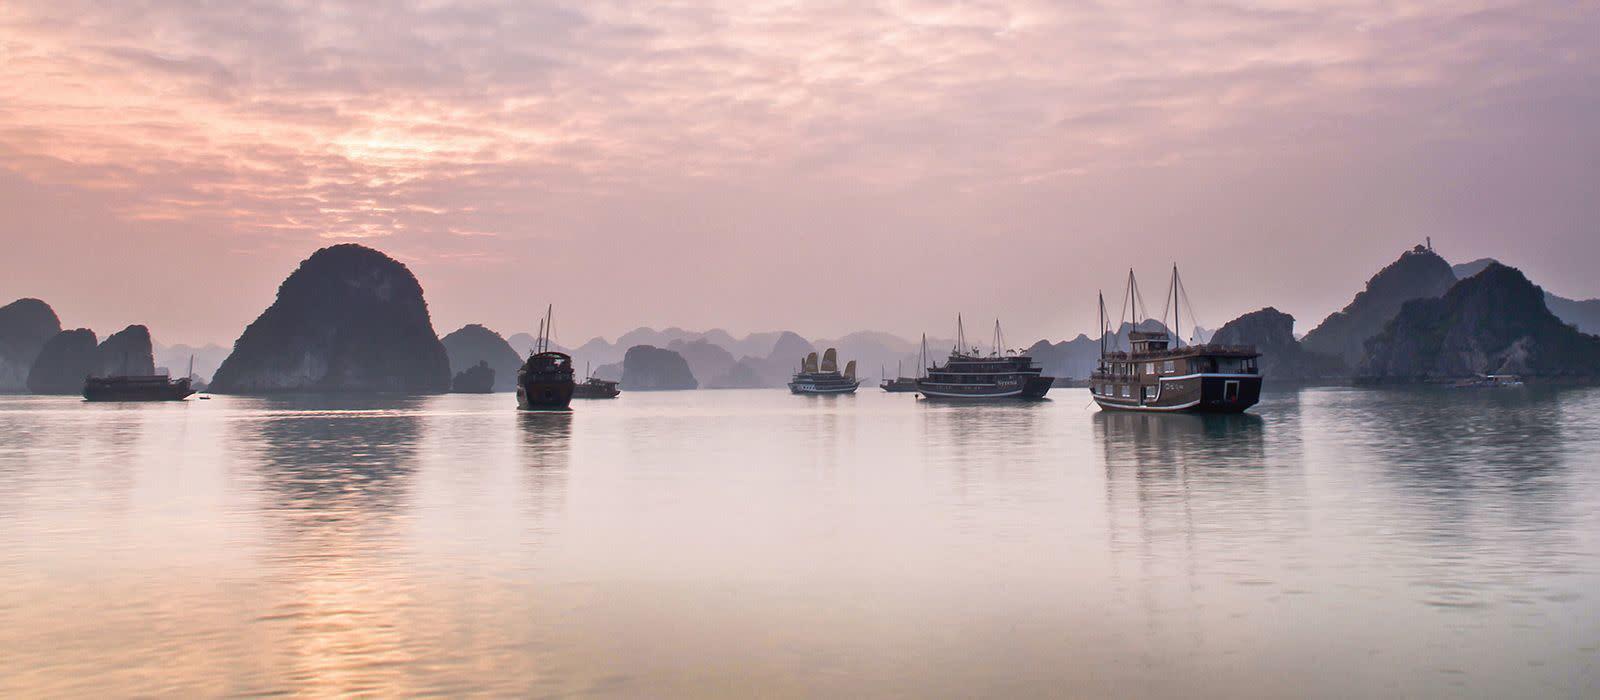 Reiseziel Halong-Bucht und Bucht von Lan Ha Vietnam